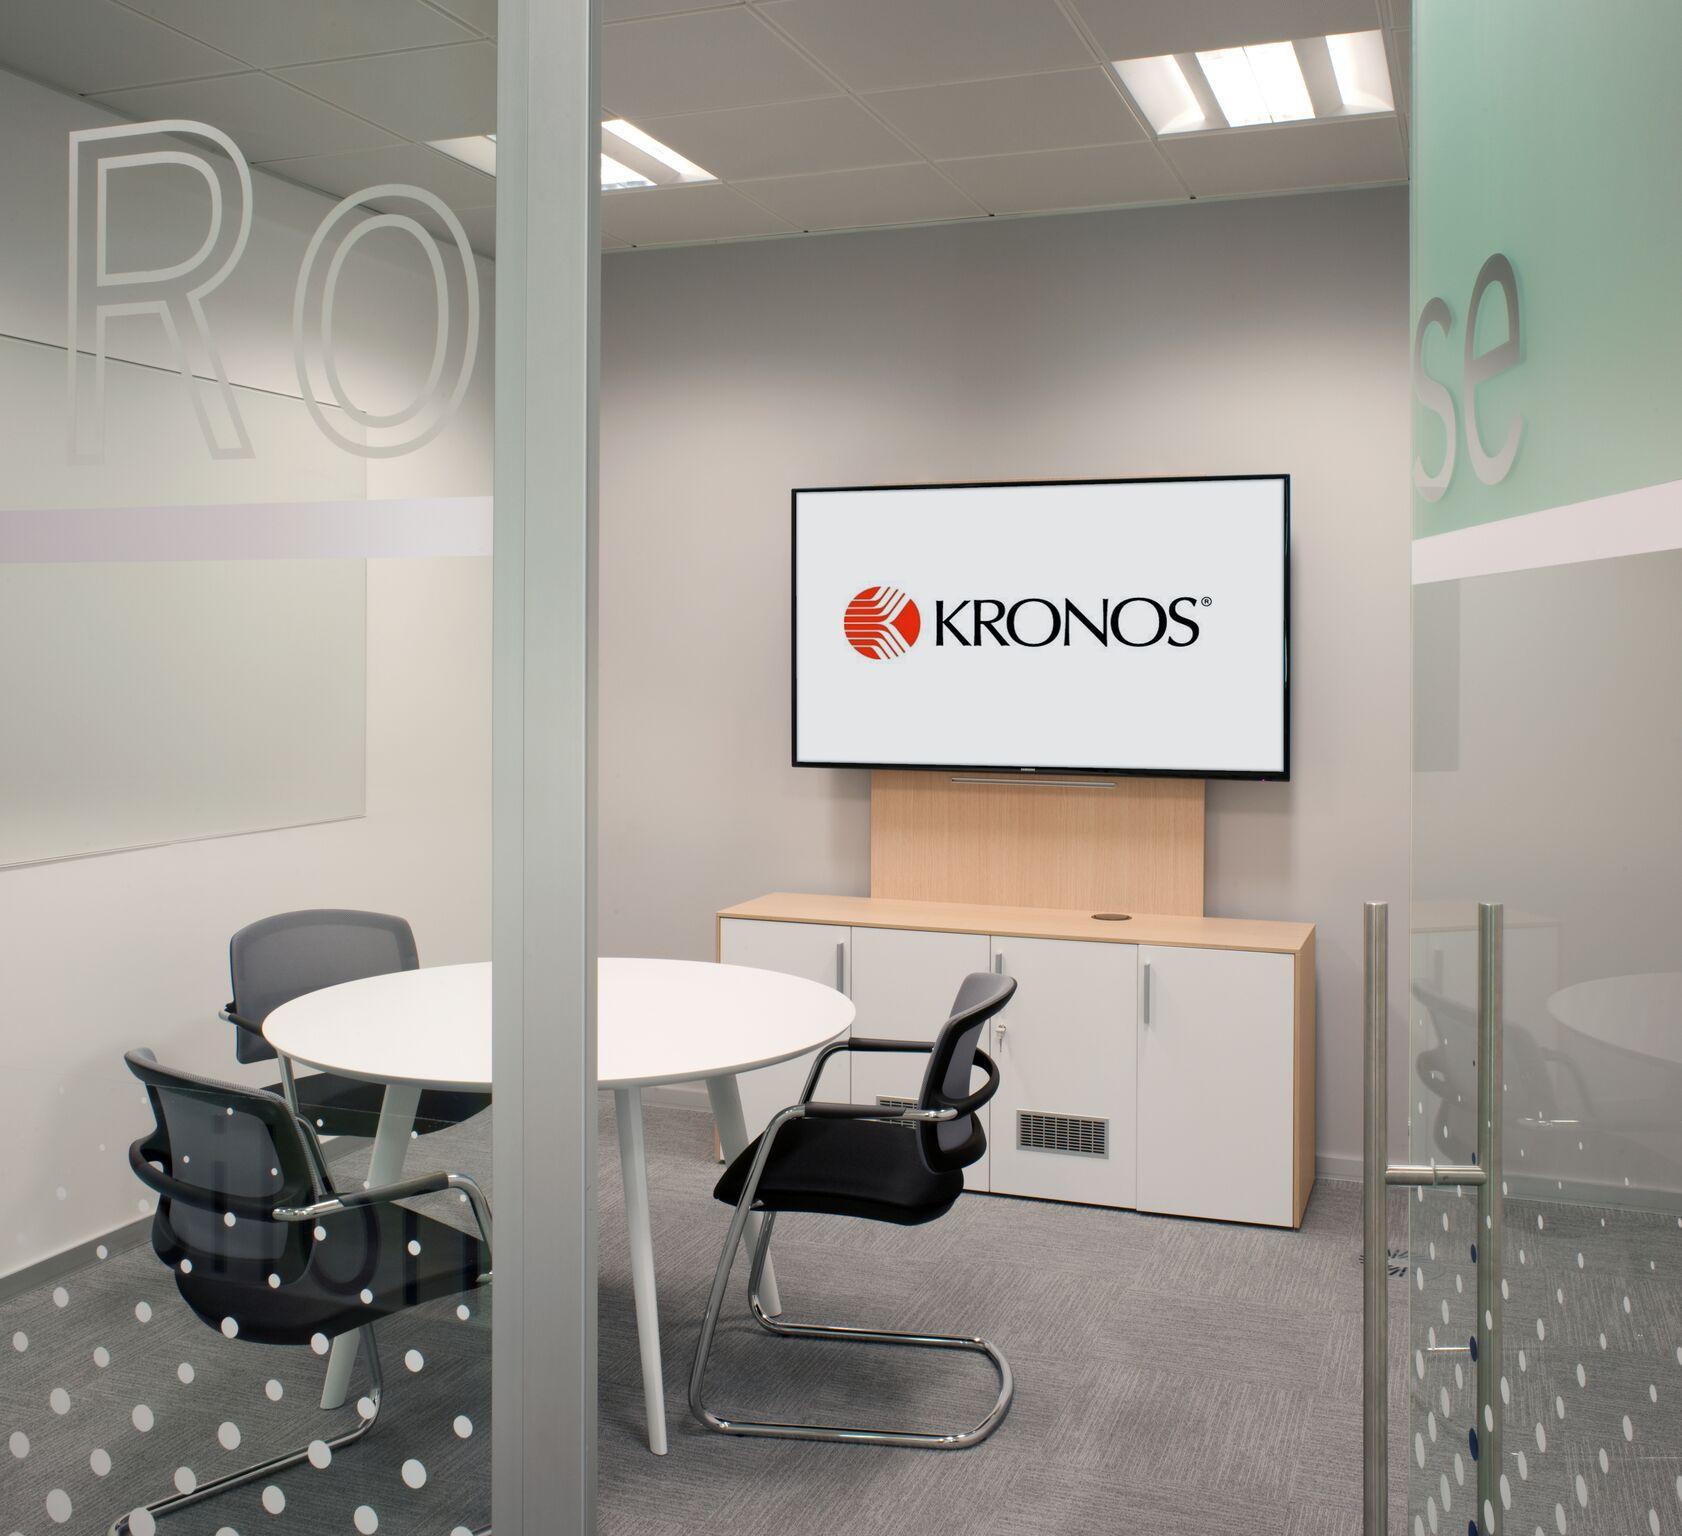 Progress Workplace - Kronos Workforce